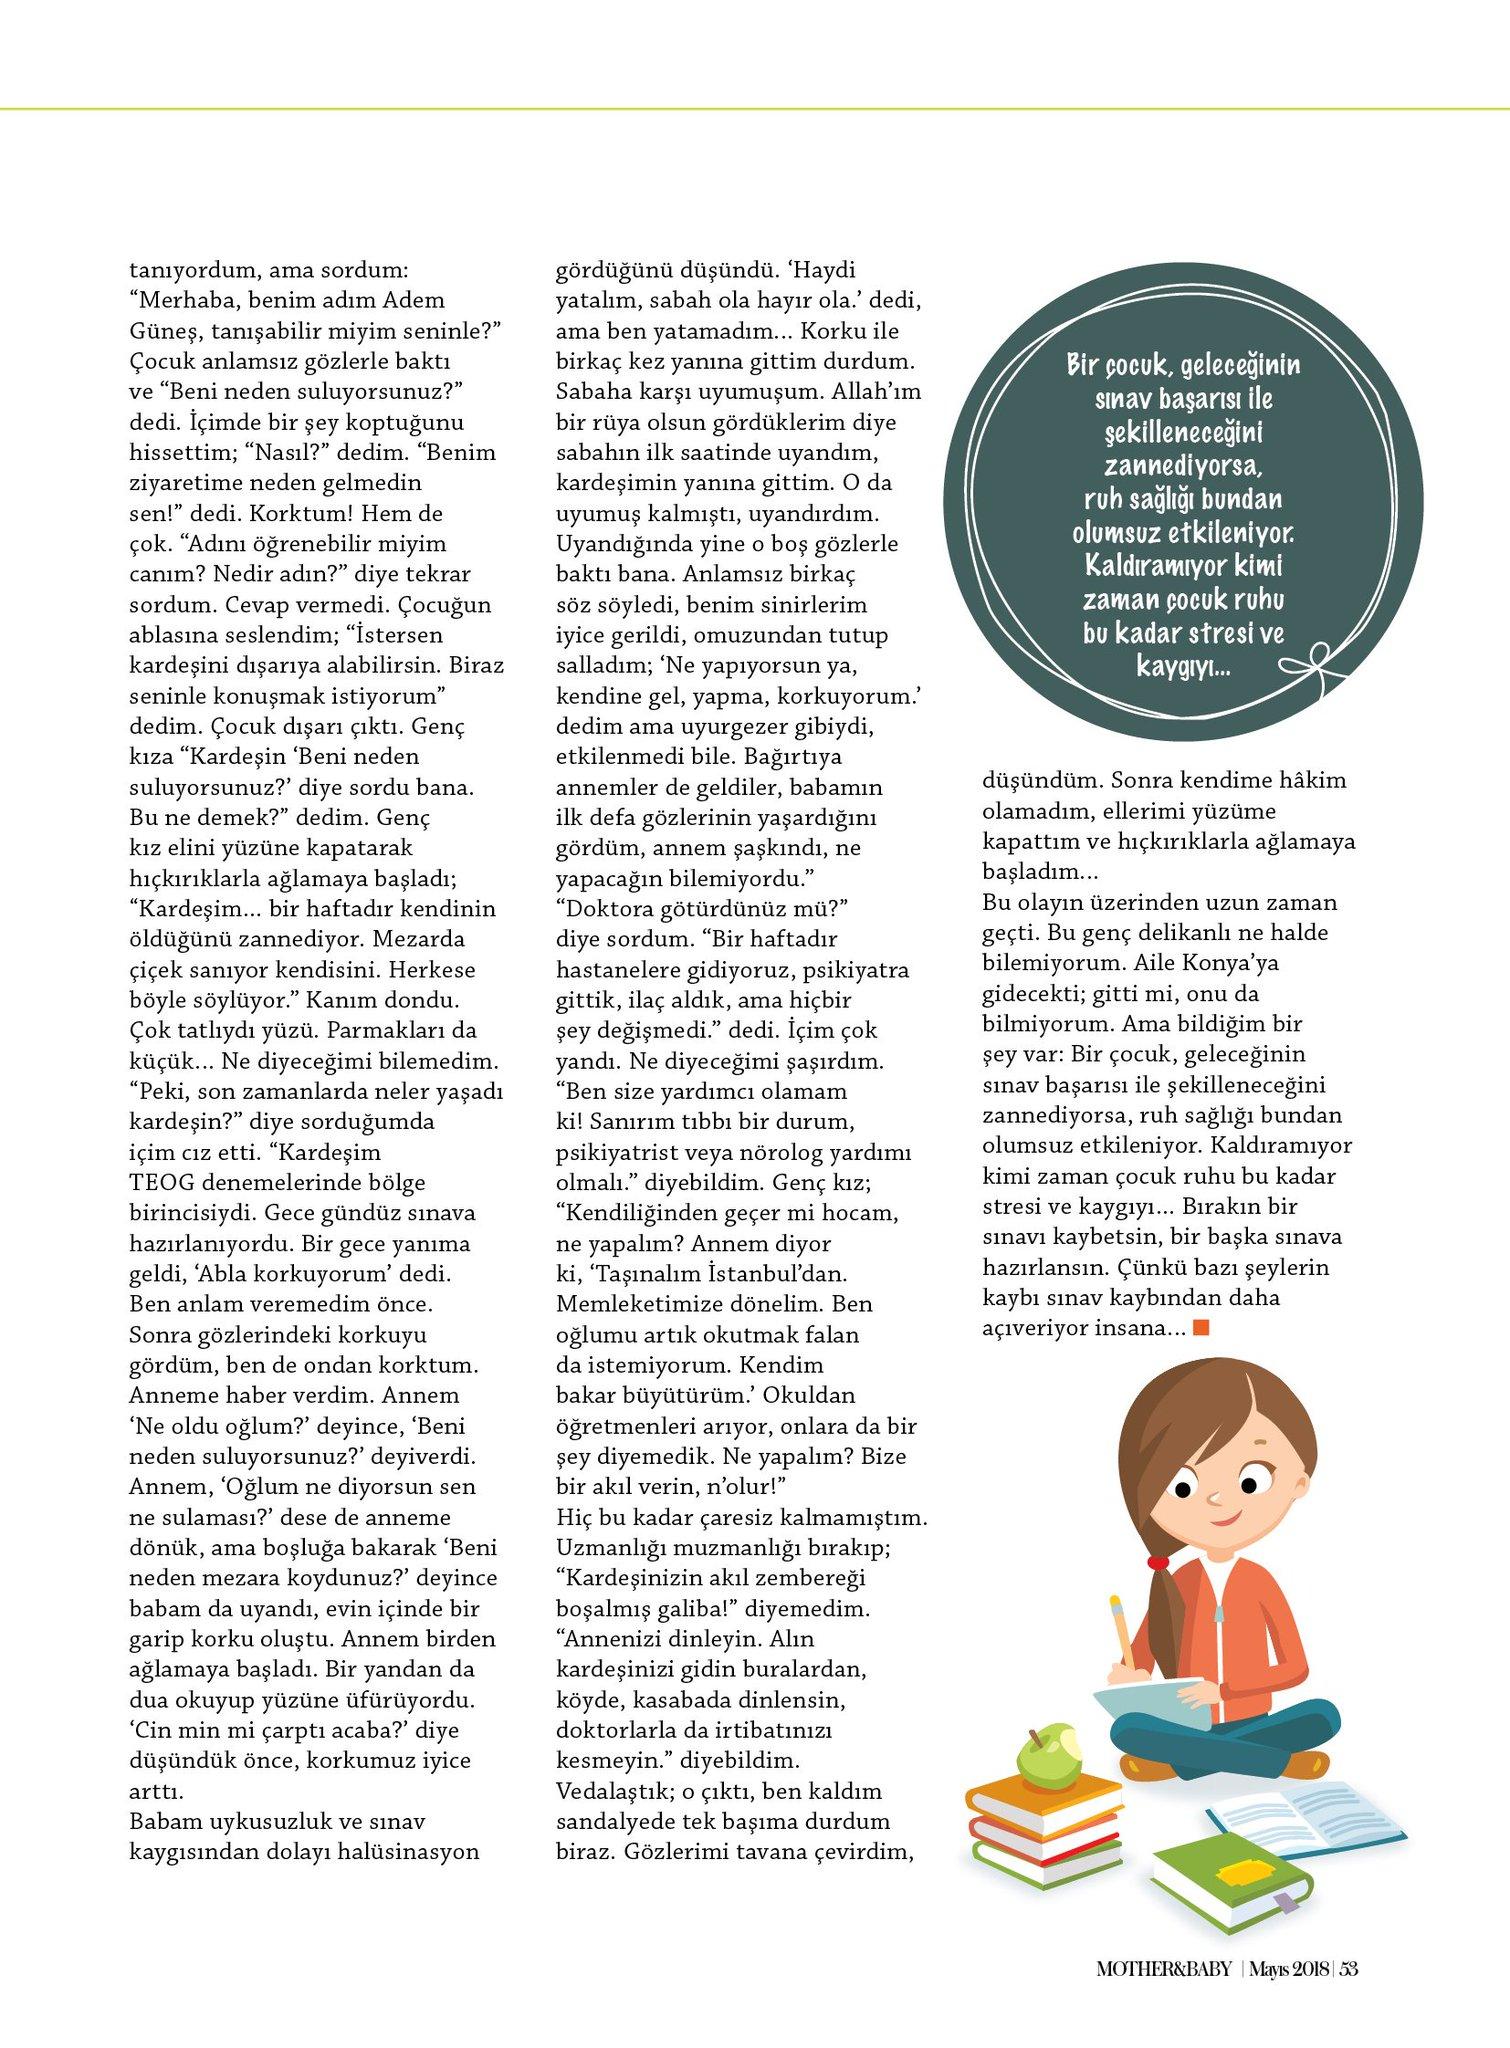 Çekingenlik çocukların geleceğini etkiliyor